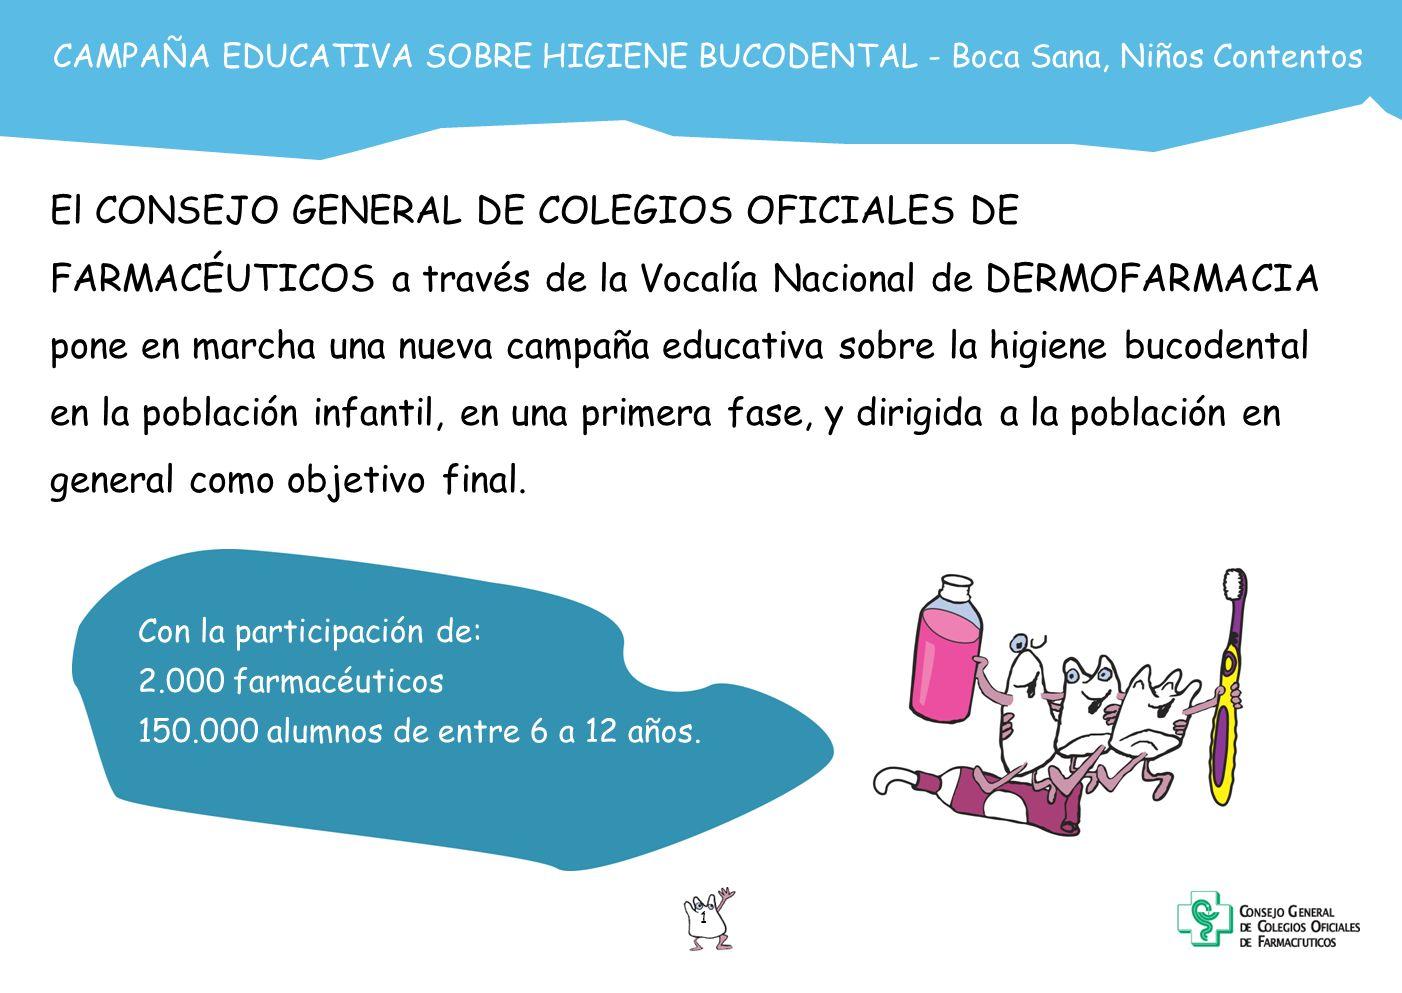 CAMPAÑA EDUCATIVA SOBRE HIGIENE BUCODENTAL - Boca Sana, Niños Contentos